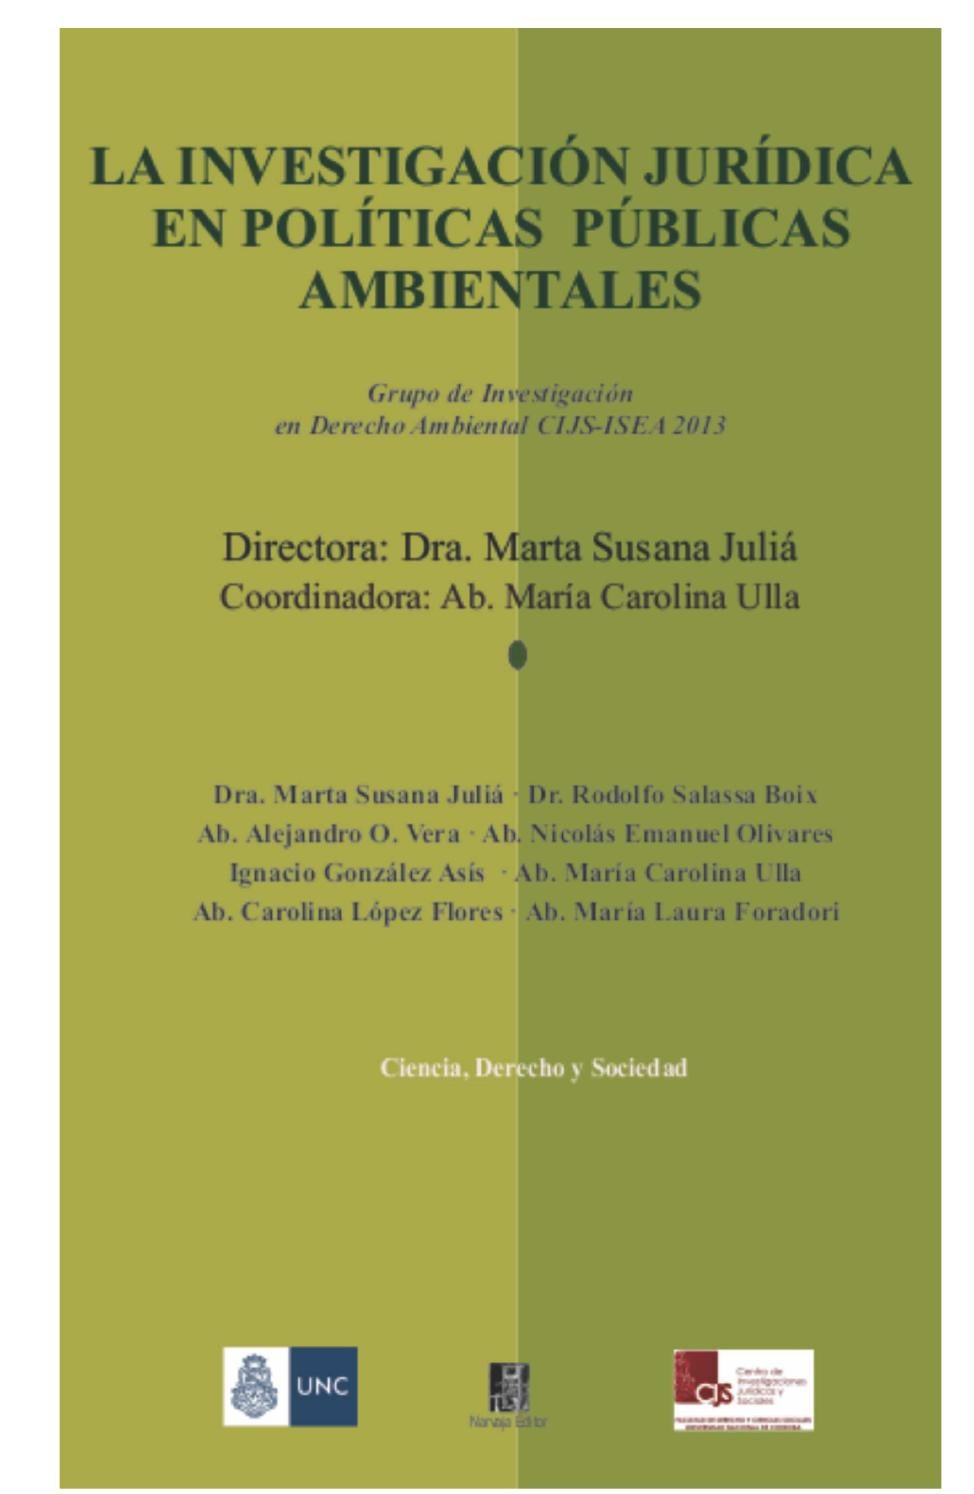 E book la investigación jurídica en políticas públicas ambientales ...